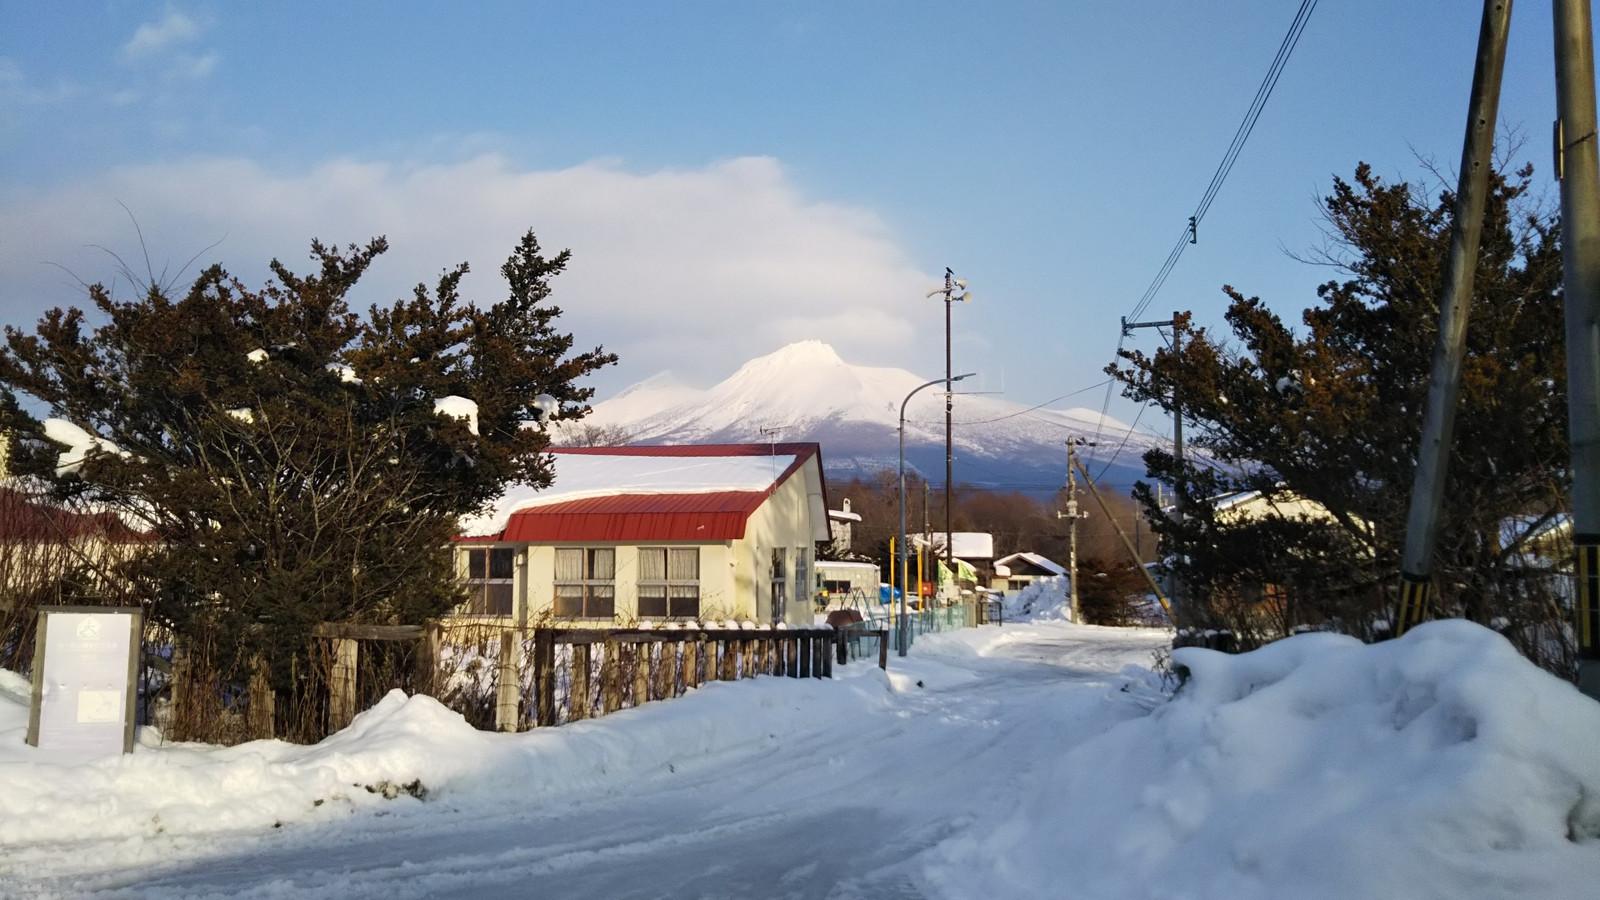 Mount_komagatake_winter1